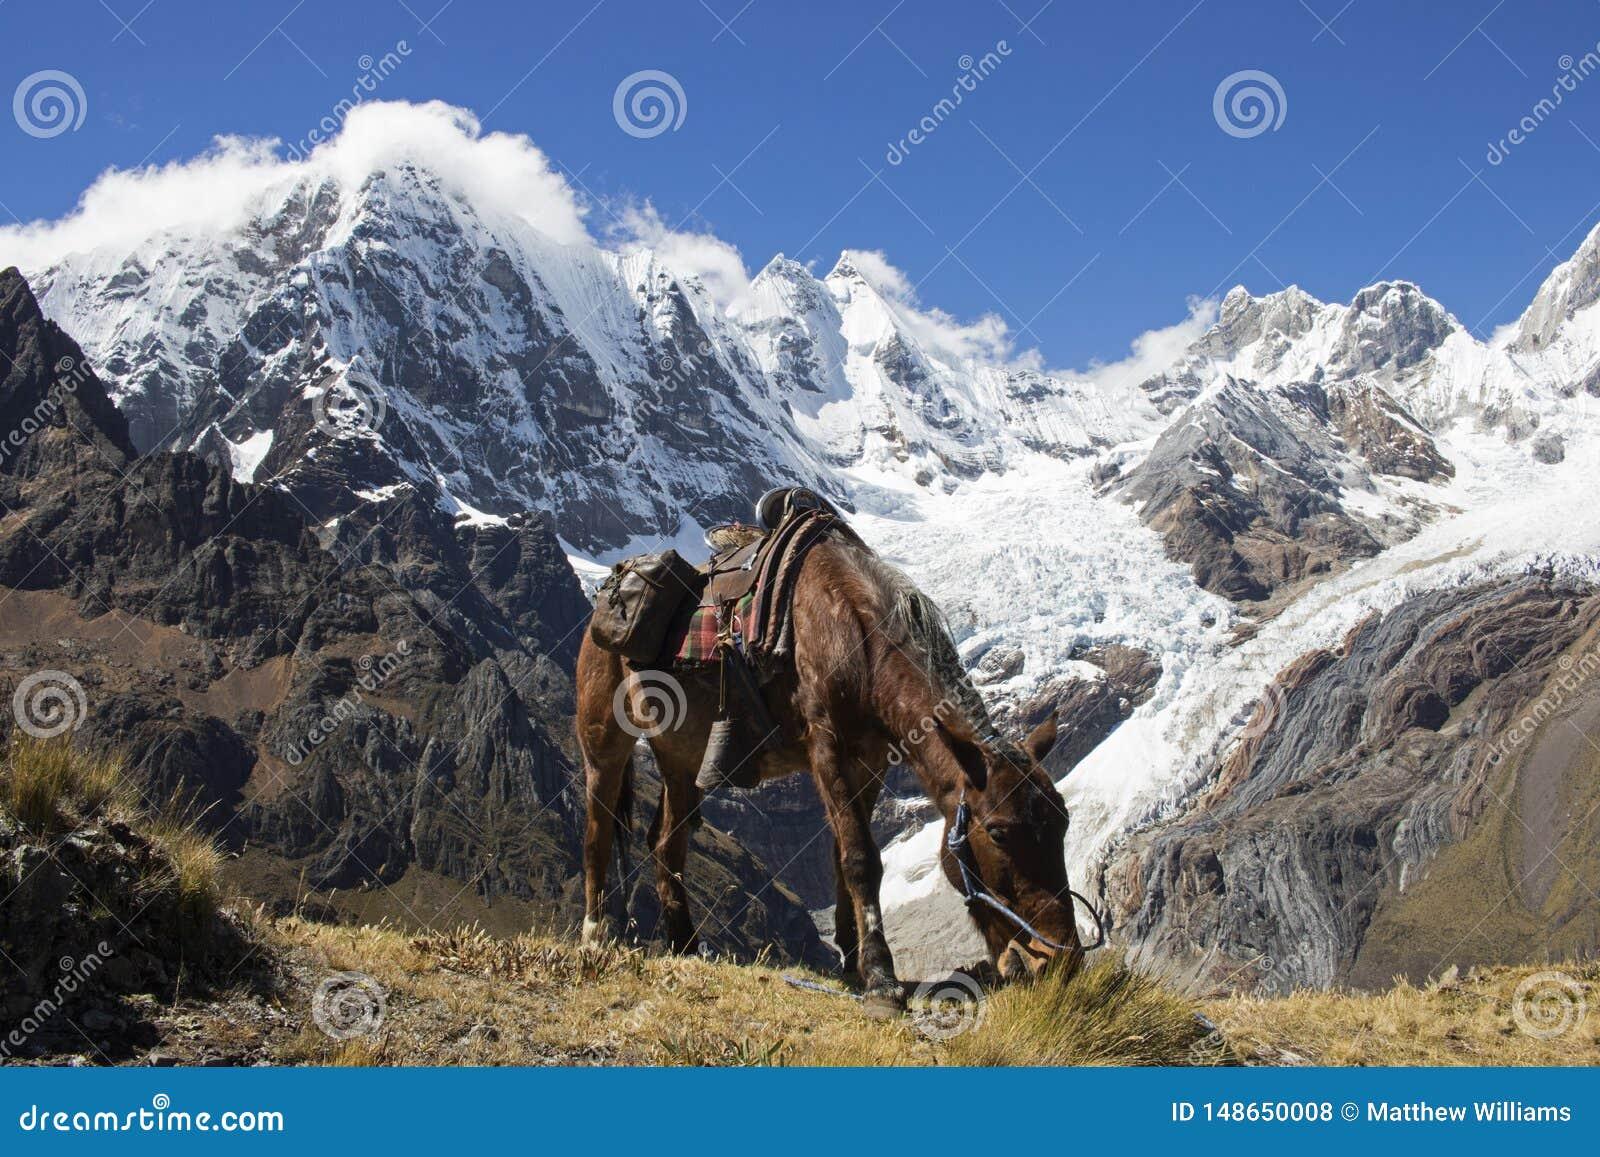 Pause de midi dans les montagnes des Andes